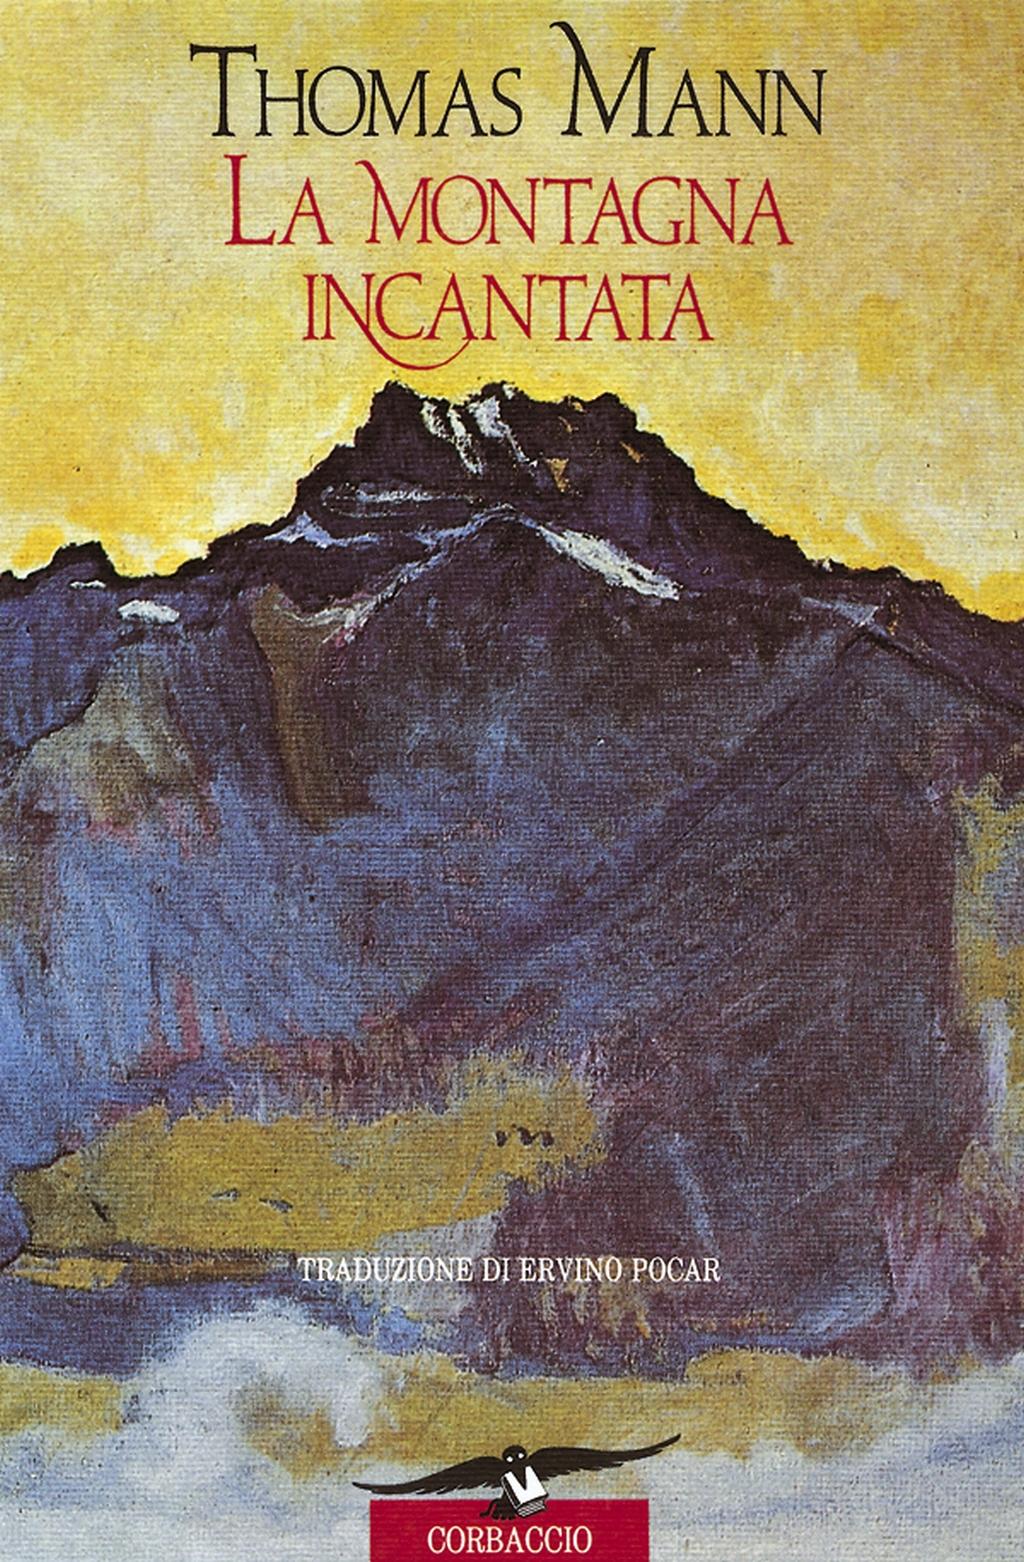 Thomas Mann, La montagna incantata, Corbaccio